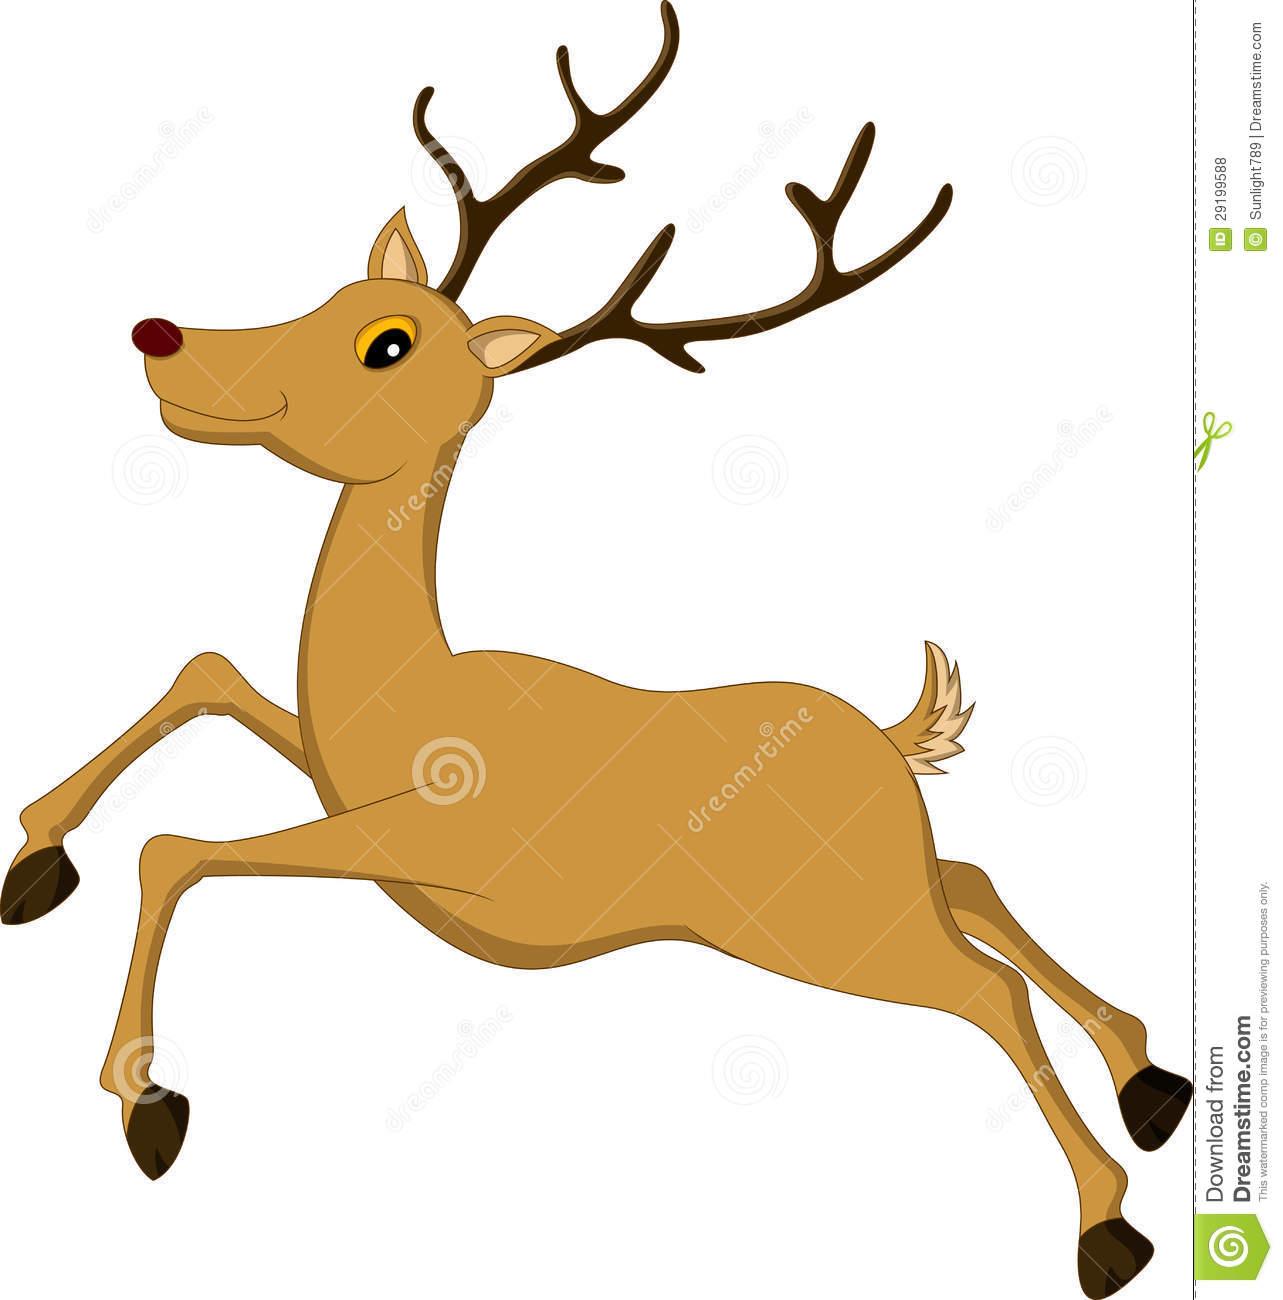 Deer running clipart.